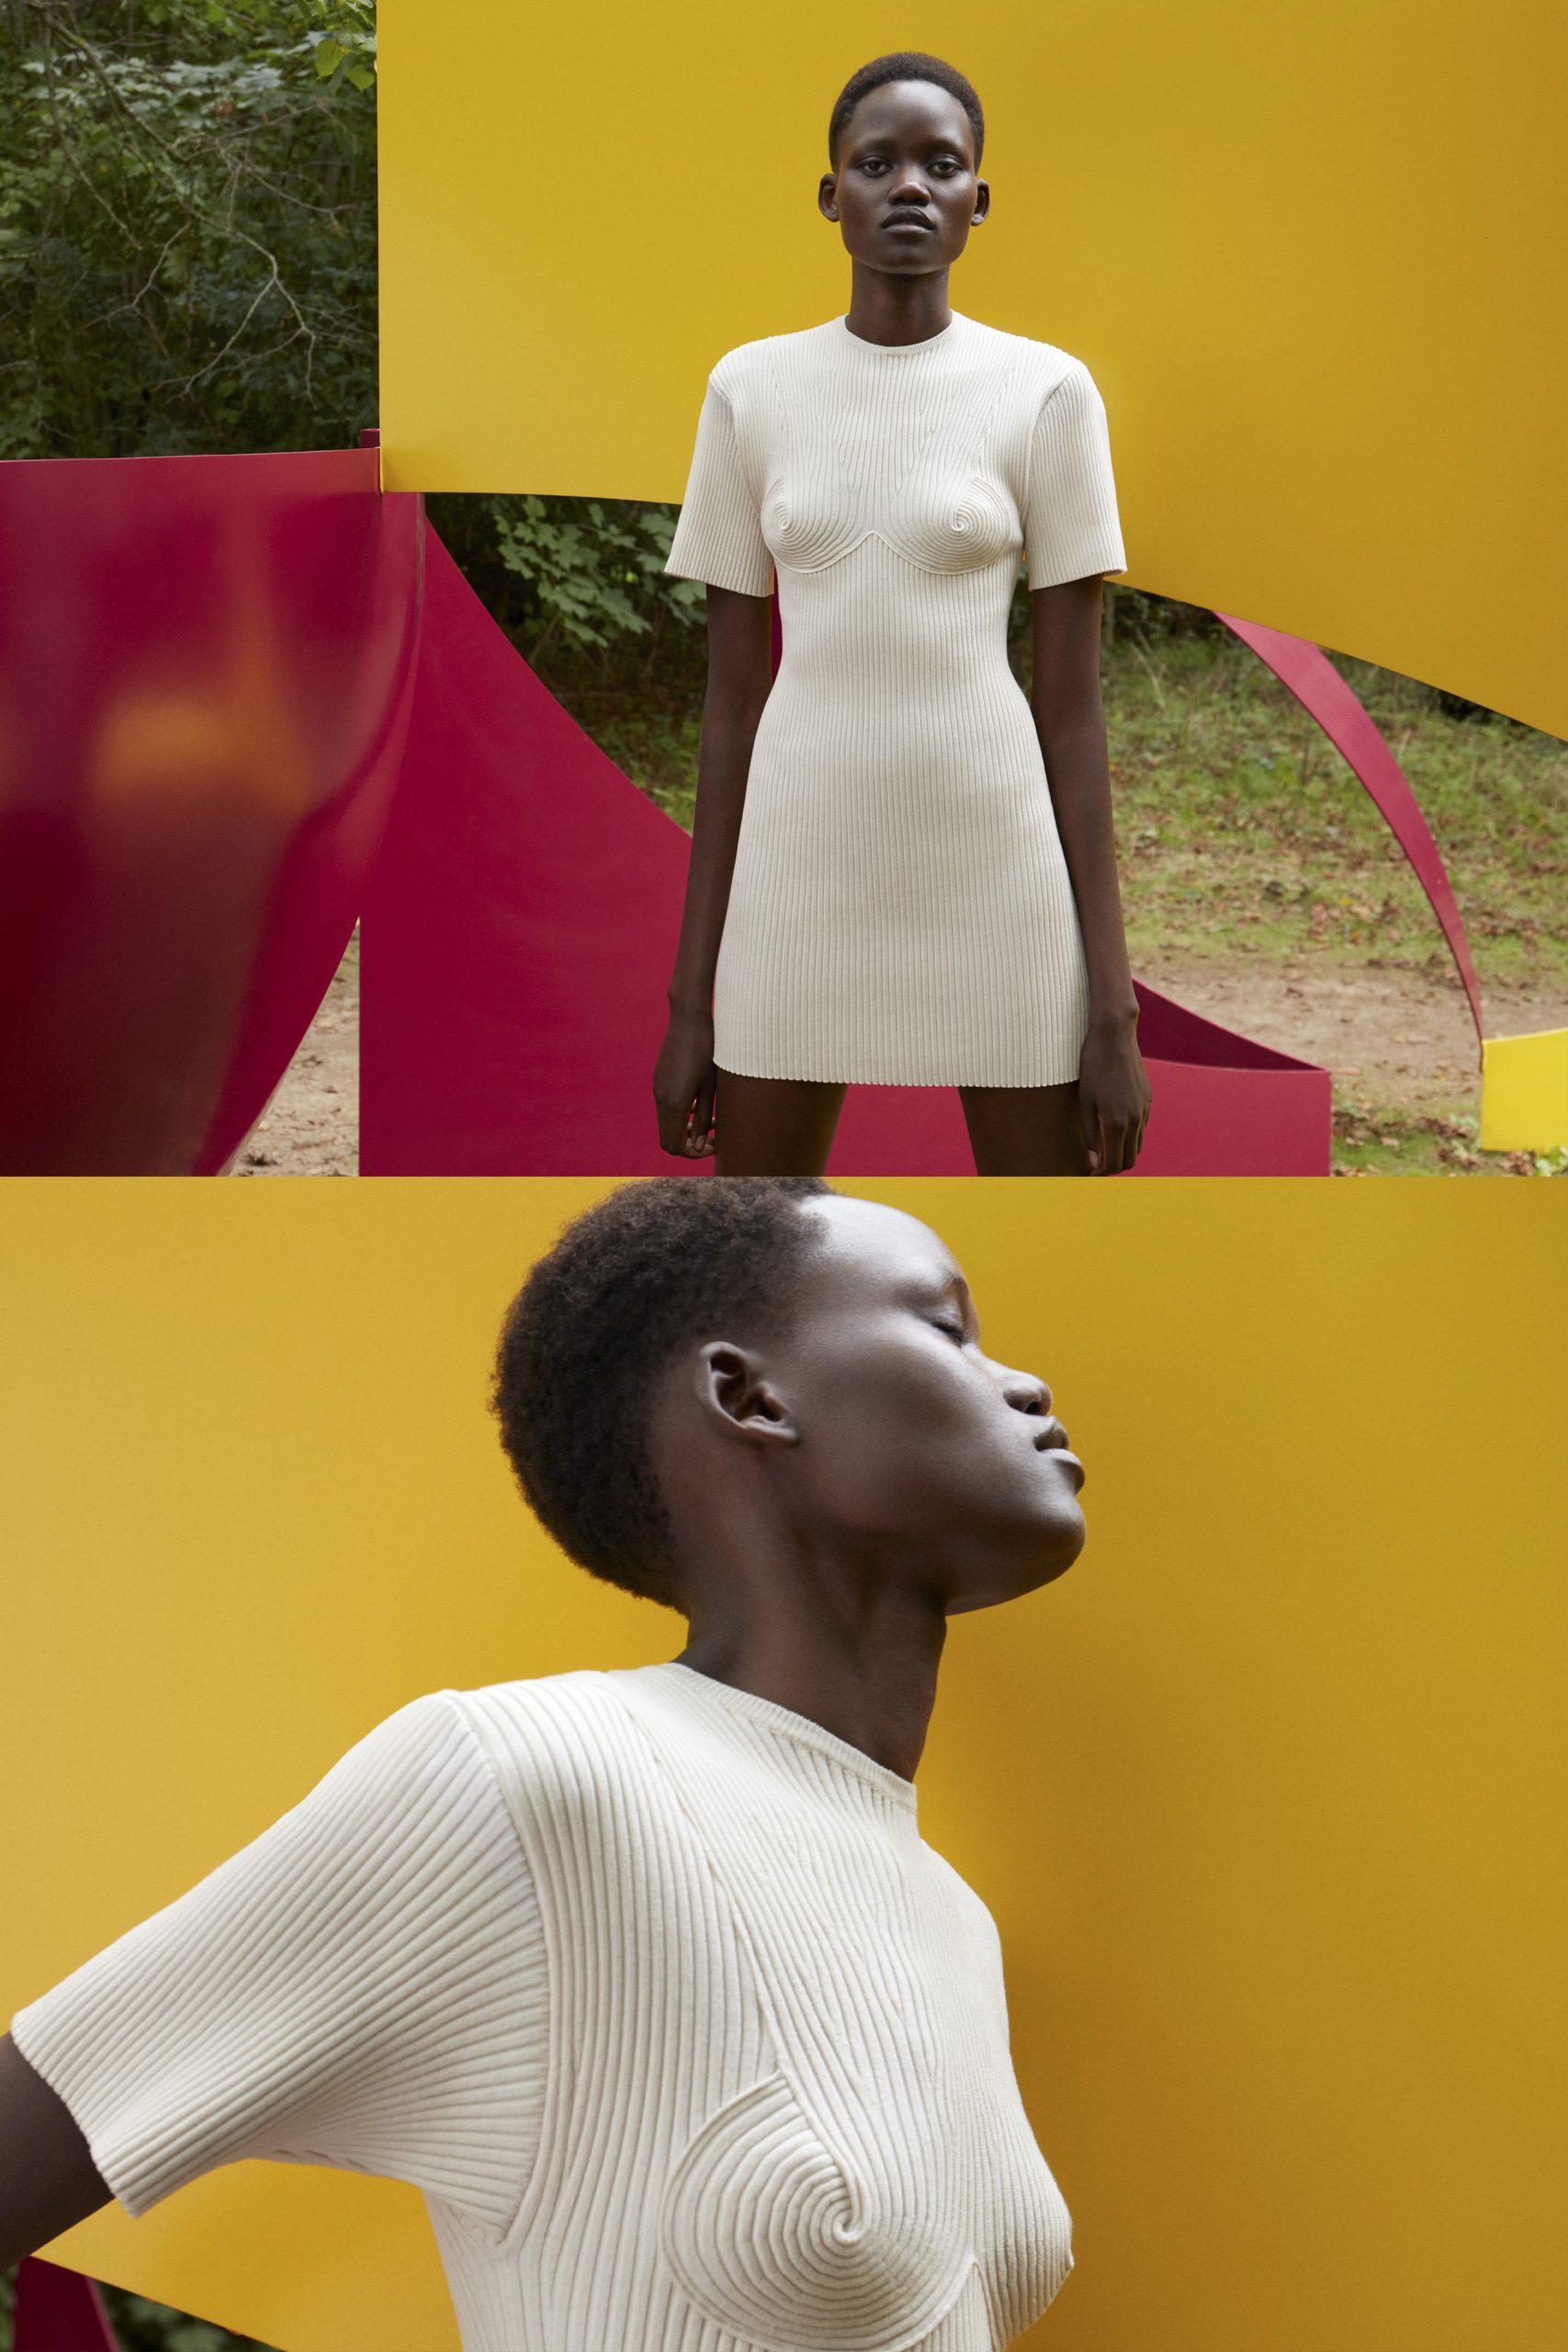 2. kép: Párizsi divathét - 2021-es tavaszi-nyári ready to wear kollekció - Stella McCartney